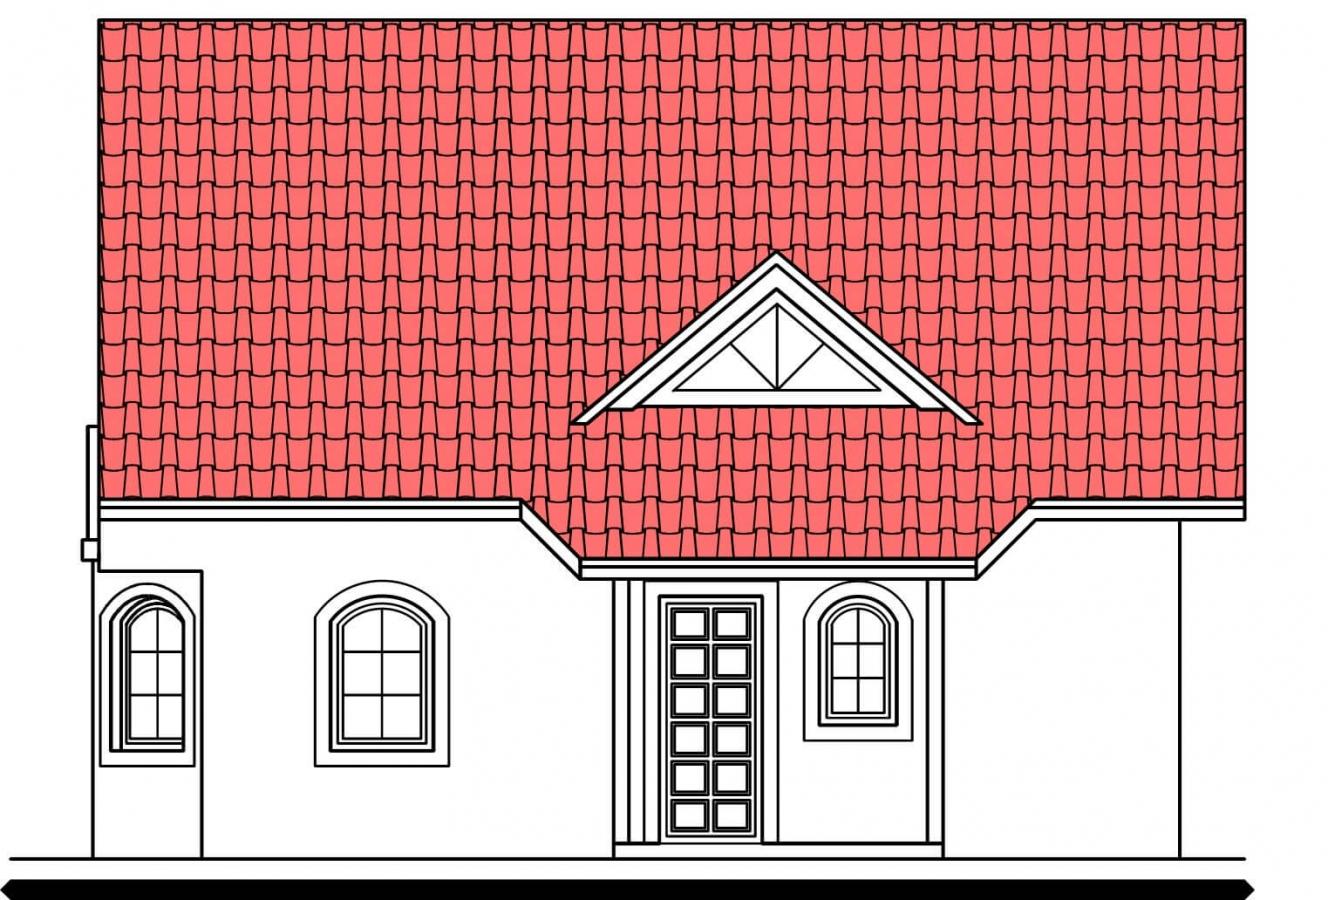 Pohľad 1. - Projekt podkrovného domu s krytou terasou